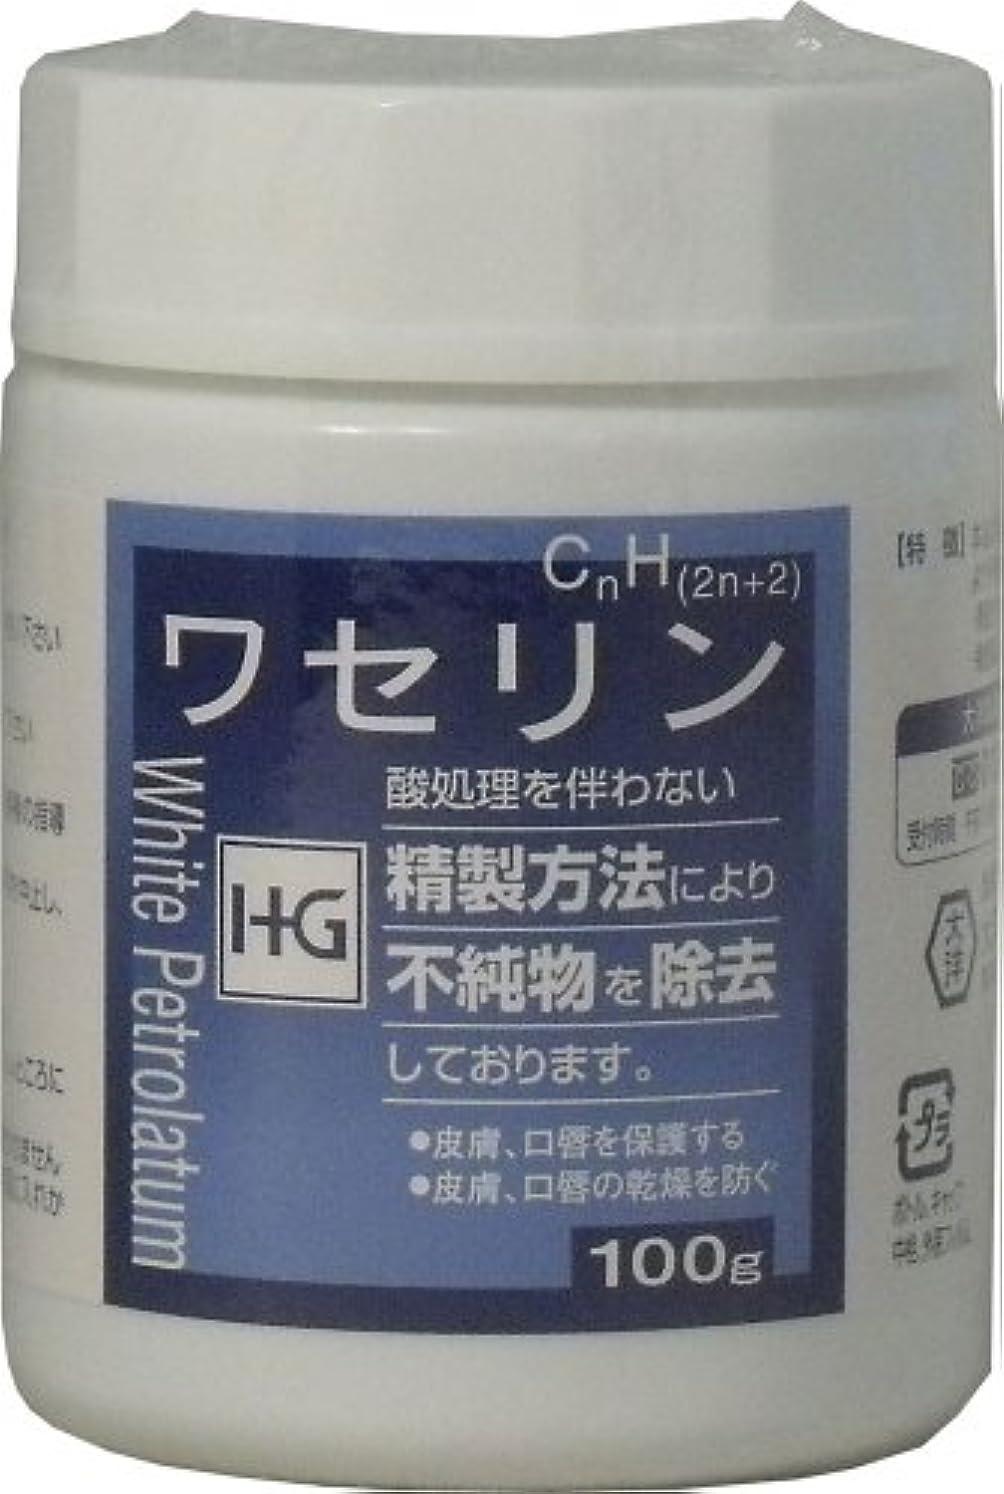 石仲介者ミシン目皮膚保護 ワセリンHG 100g ×5個セット